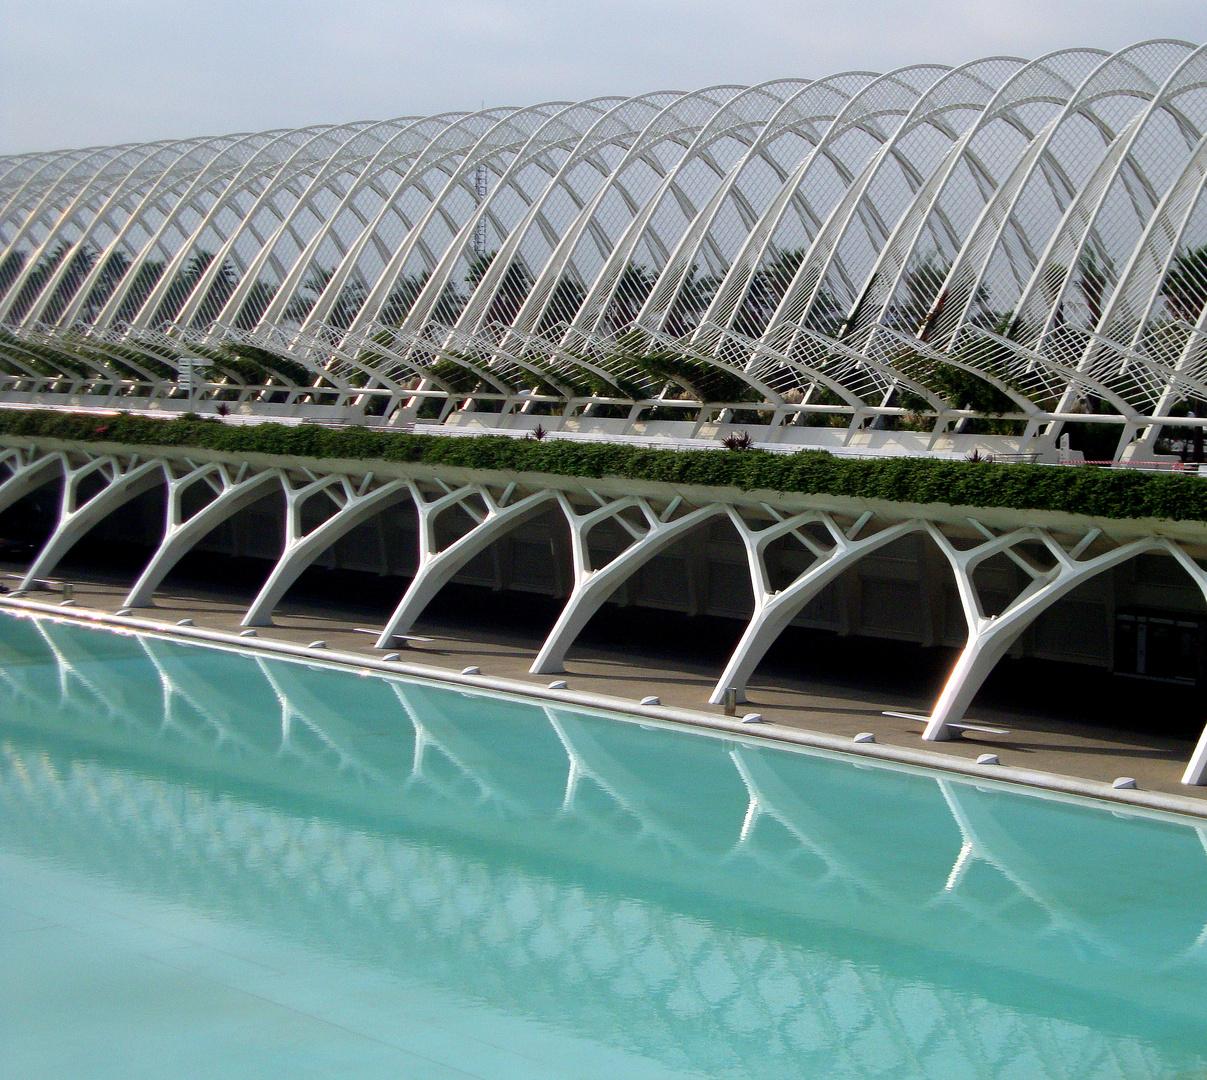 Les jardins suspendus (arête de poissons)